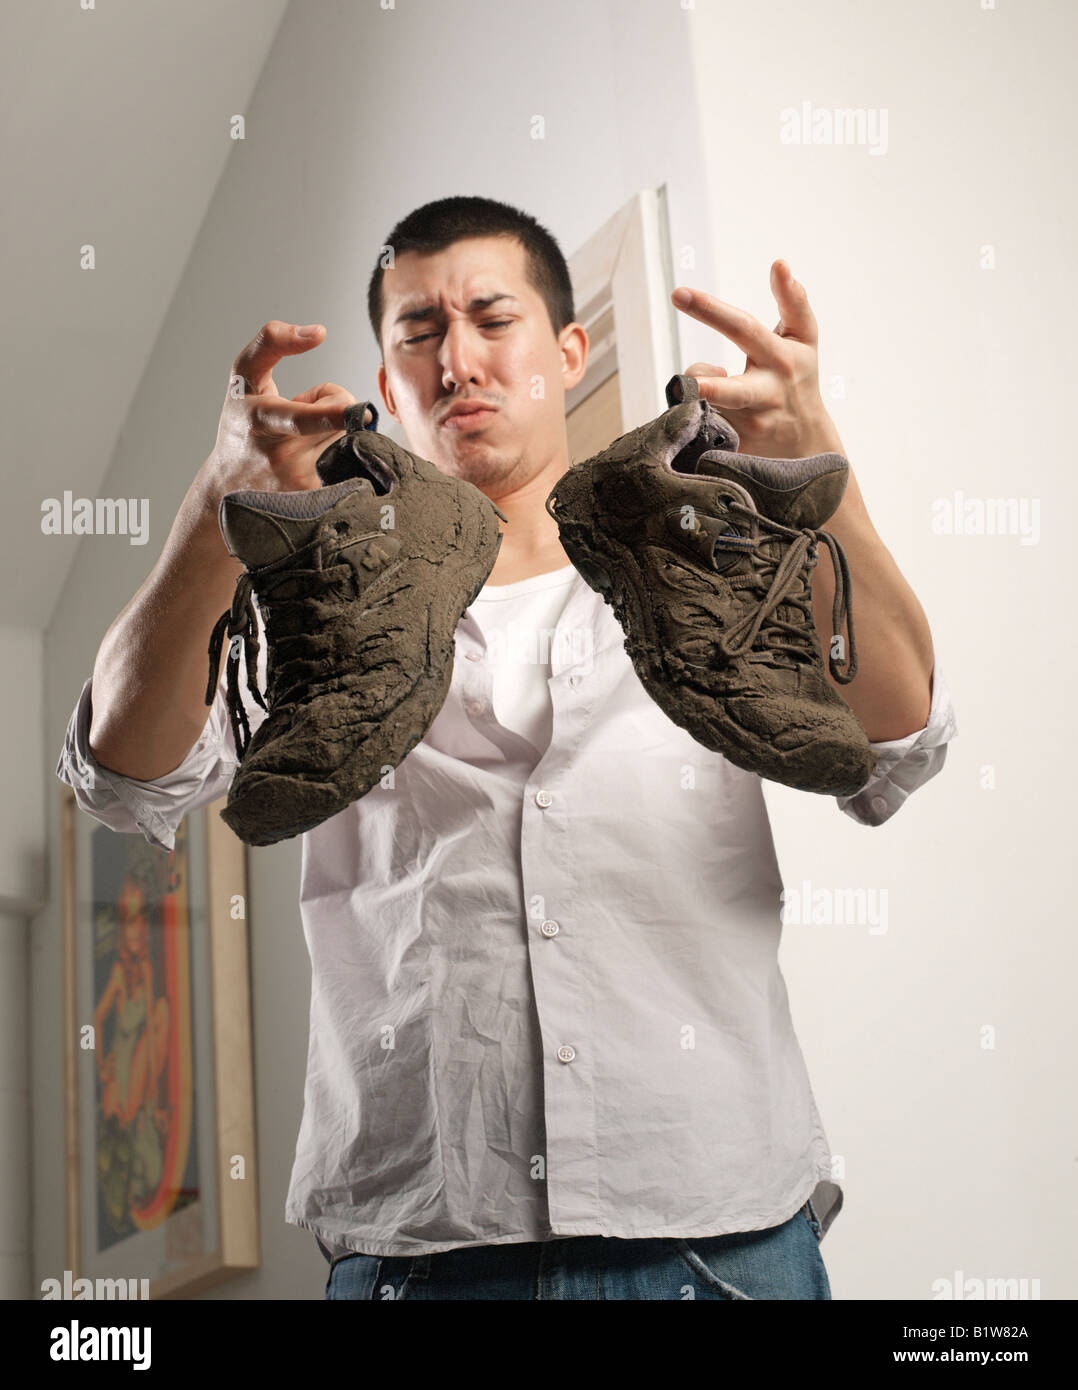 orientalische Mann, stinkende und schmutzige Schuhe Stockbild